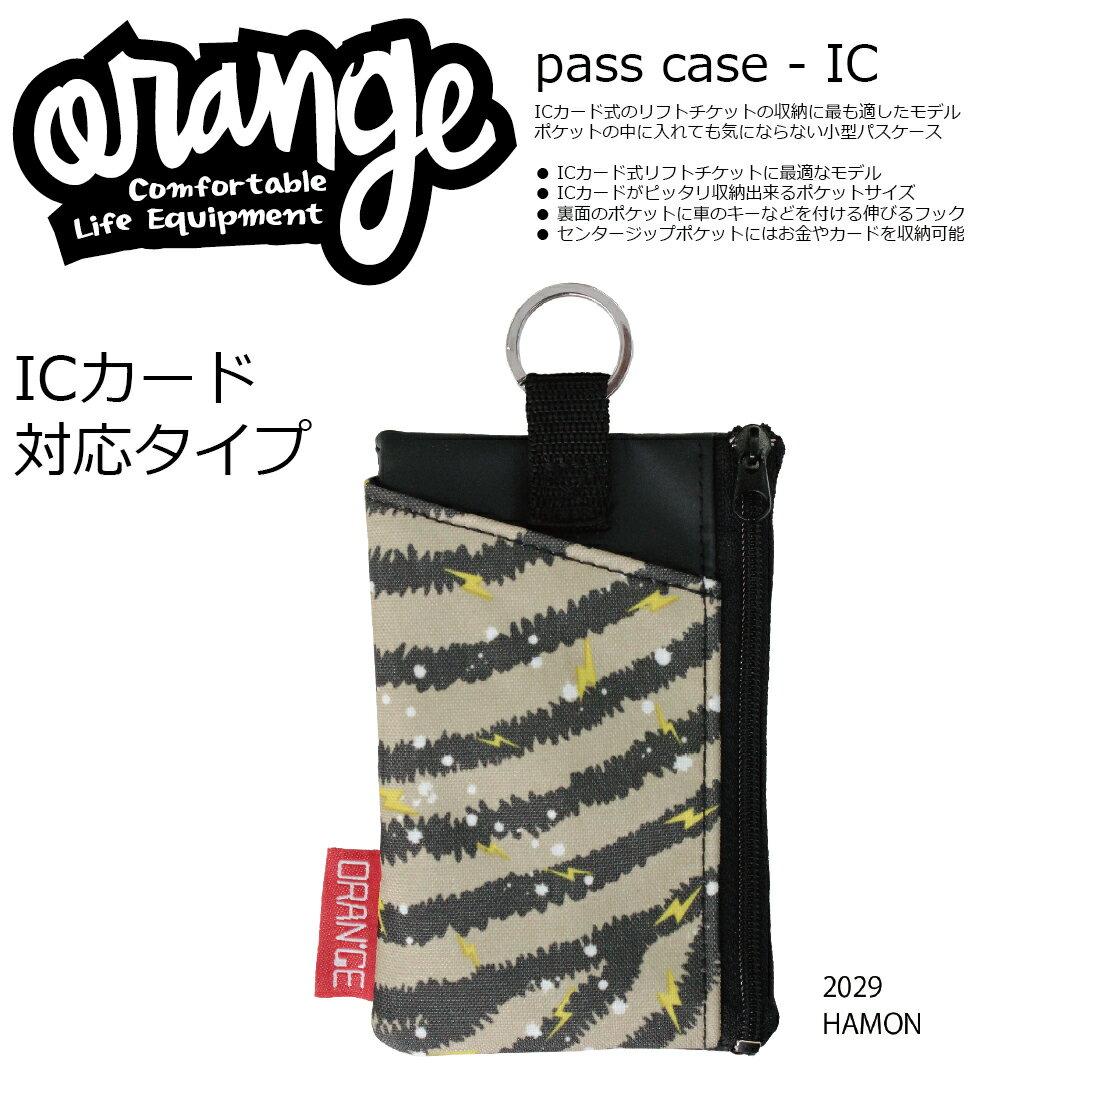 Oran'ge Pass-Case IC リング付 2029 HAMON オレンジ パスケース 縦タイプ アイシー 収納ポケット付 2017 2017-18